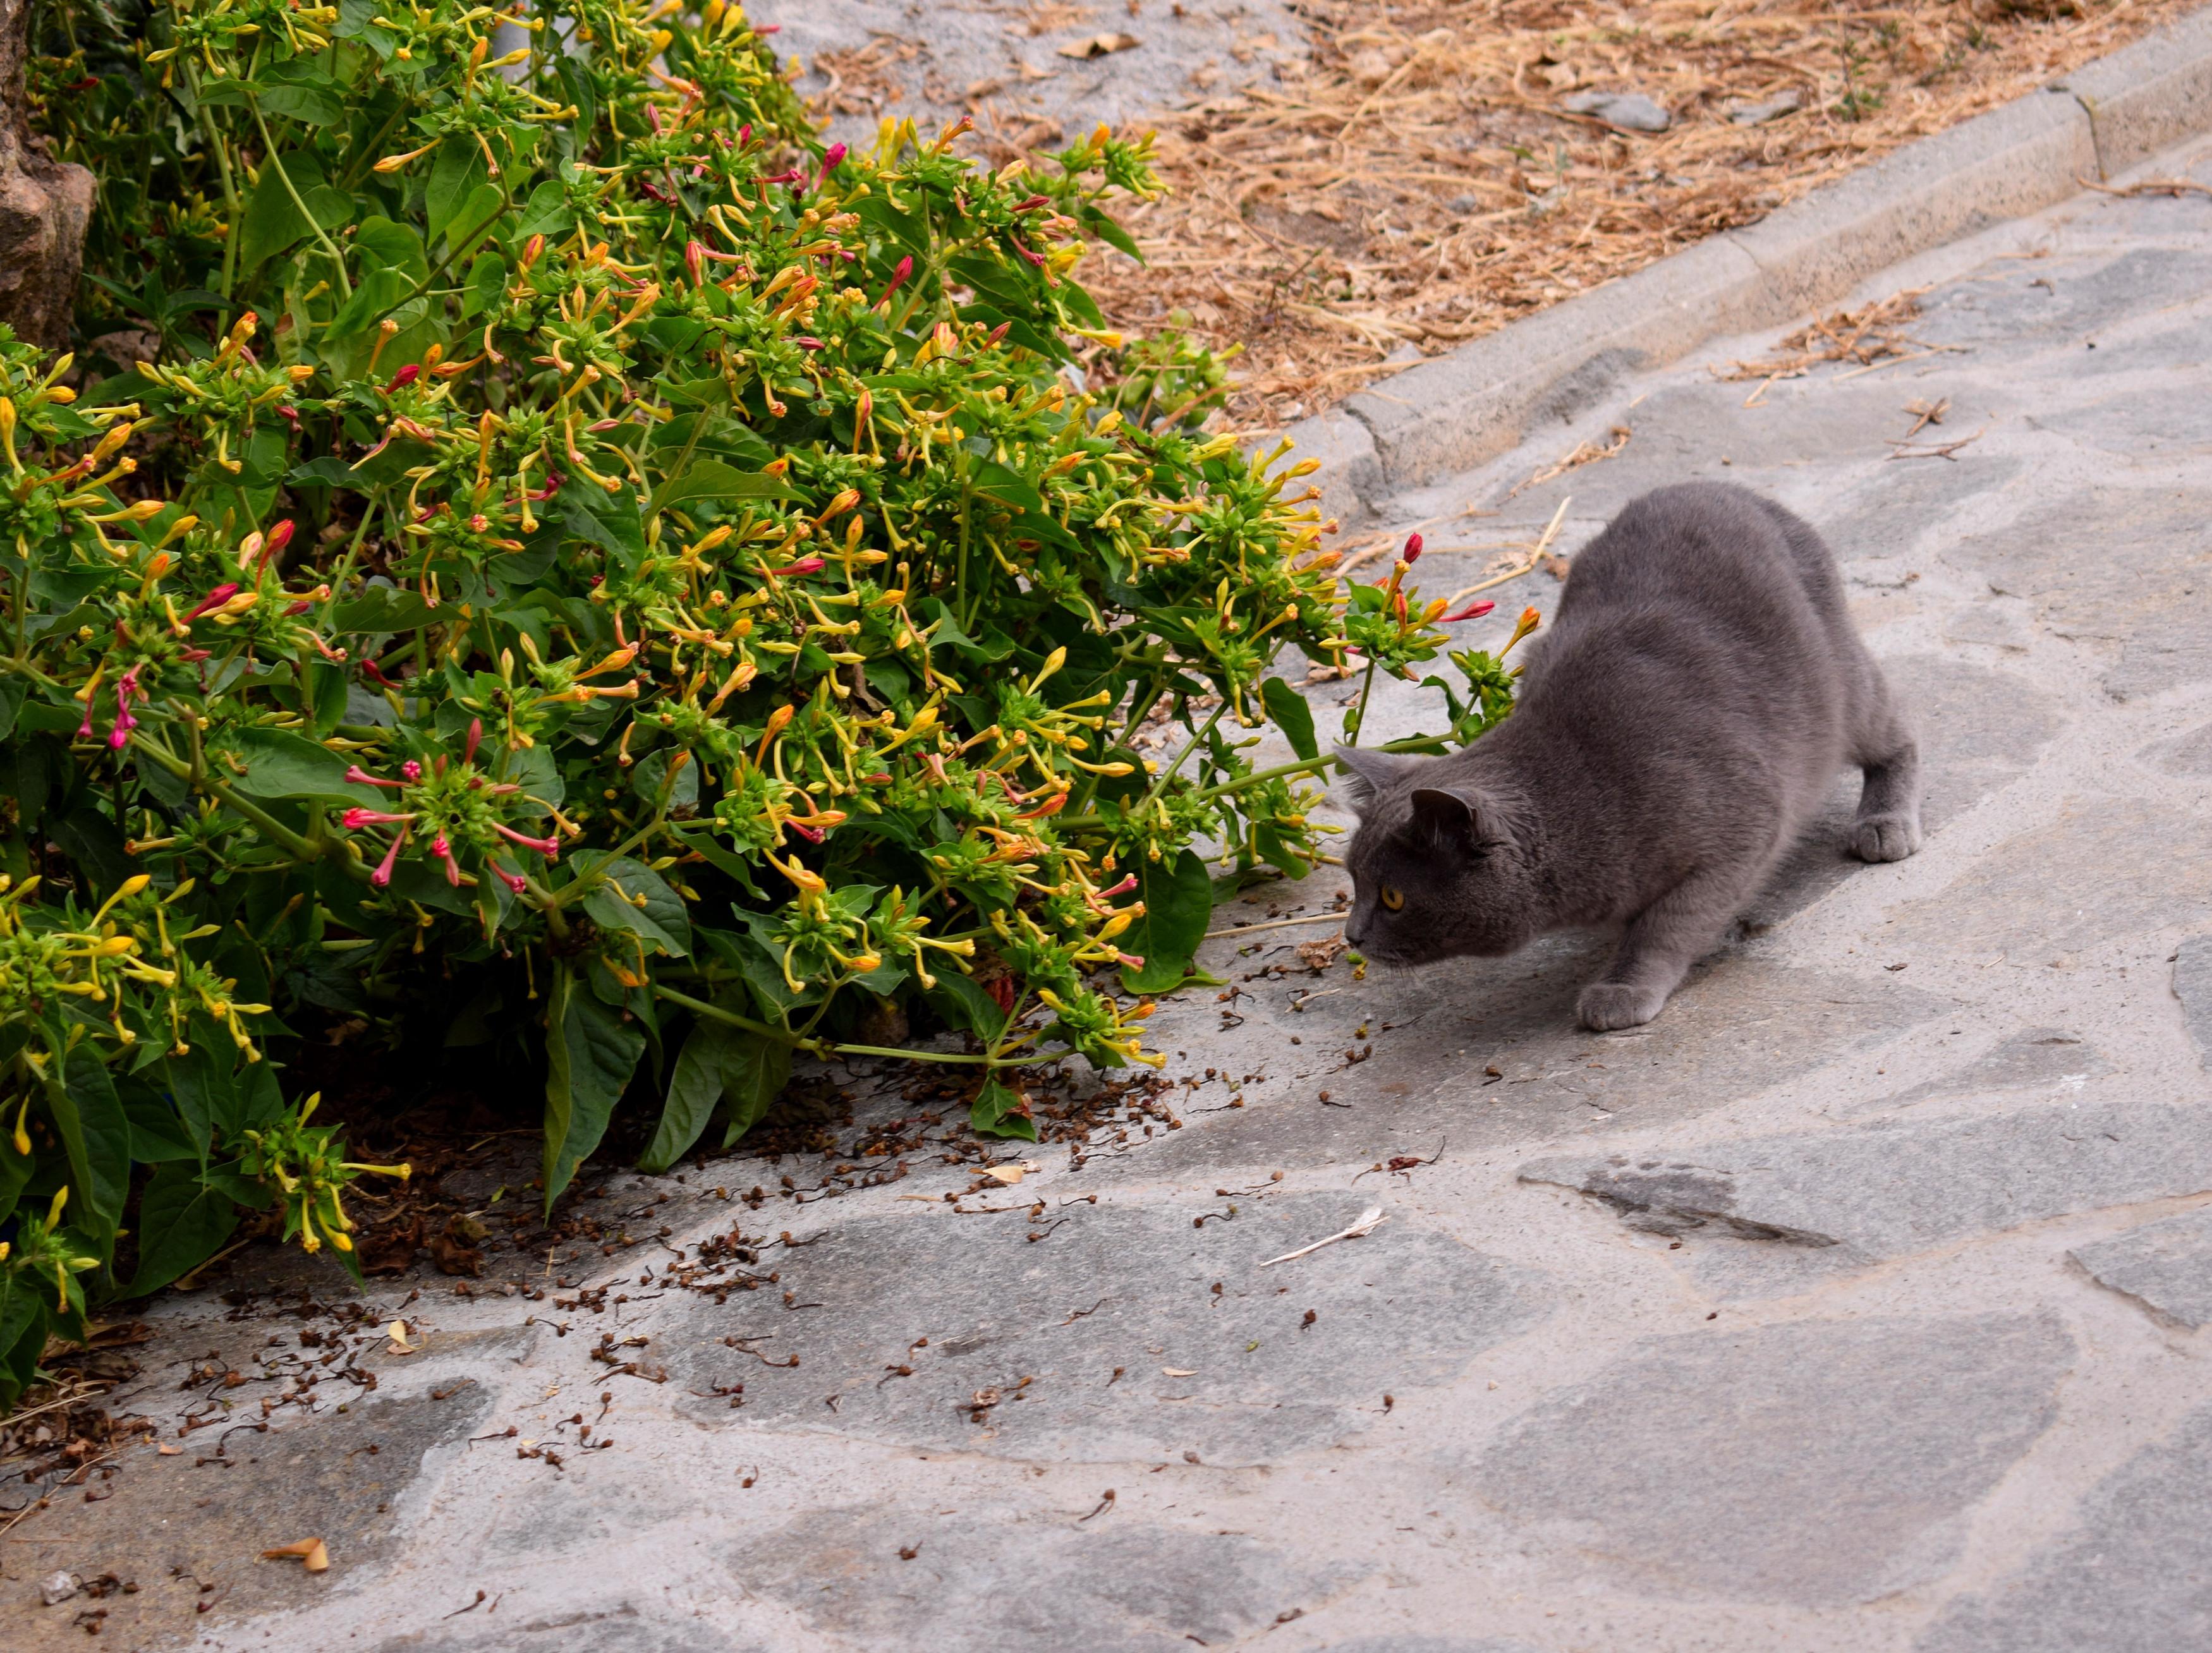 A város élővilágához továbbá hozzátartozik a rengeteg macska és kutya az utcákon. Ez éppen valami után vadászott, és teljes figyelmét a zsákmányra összpontosította.